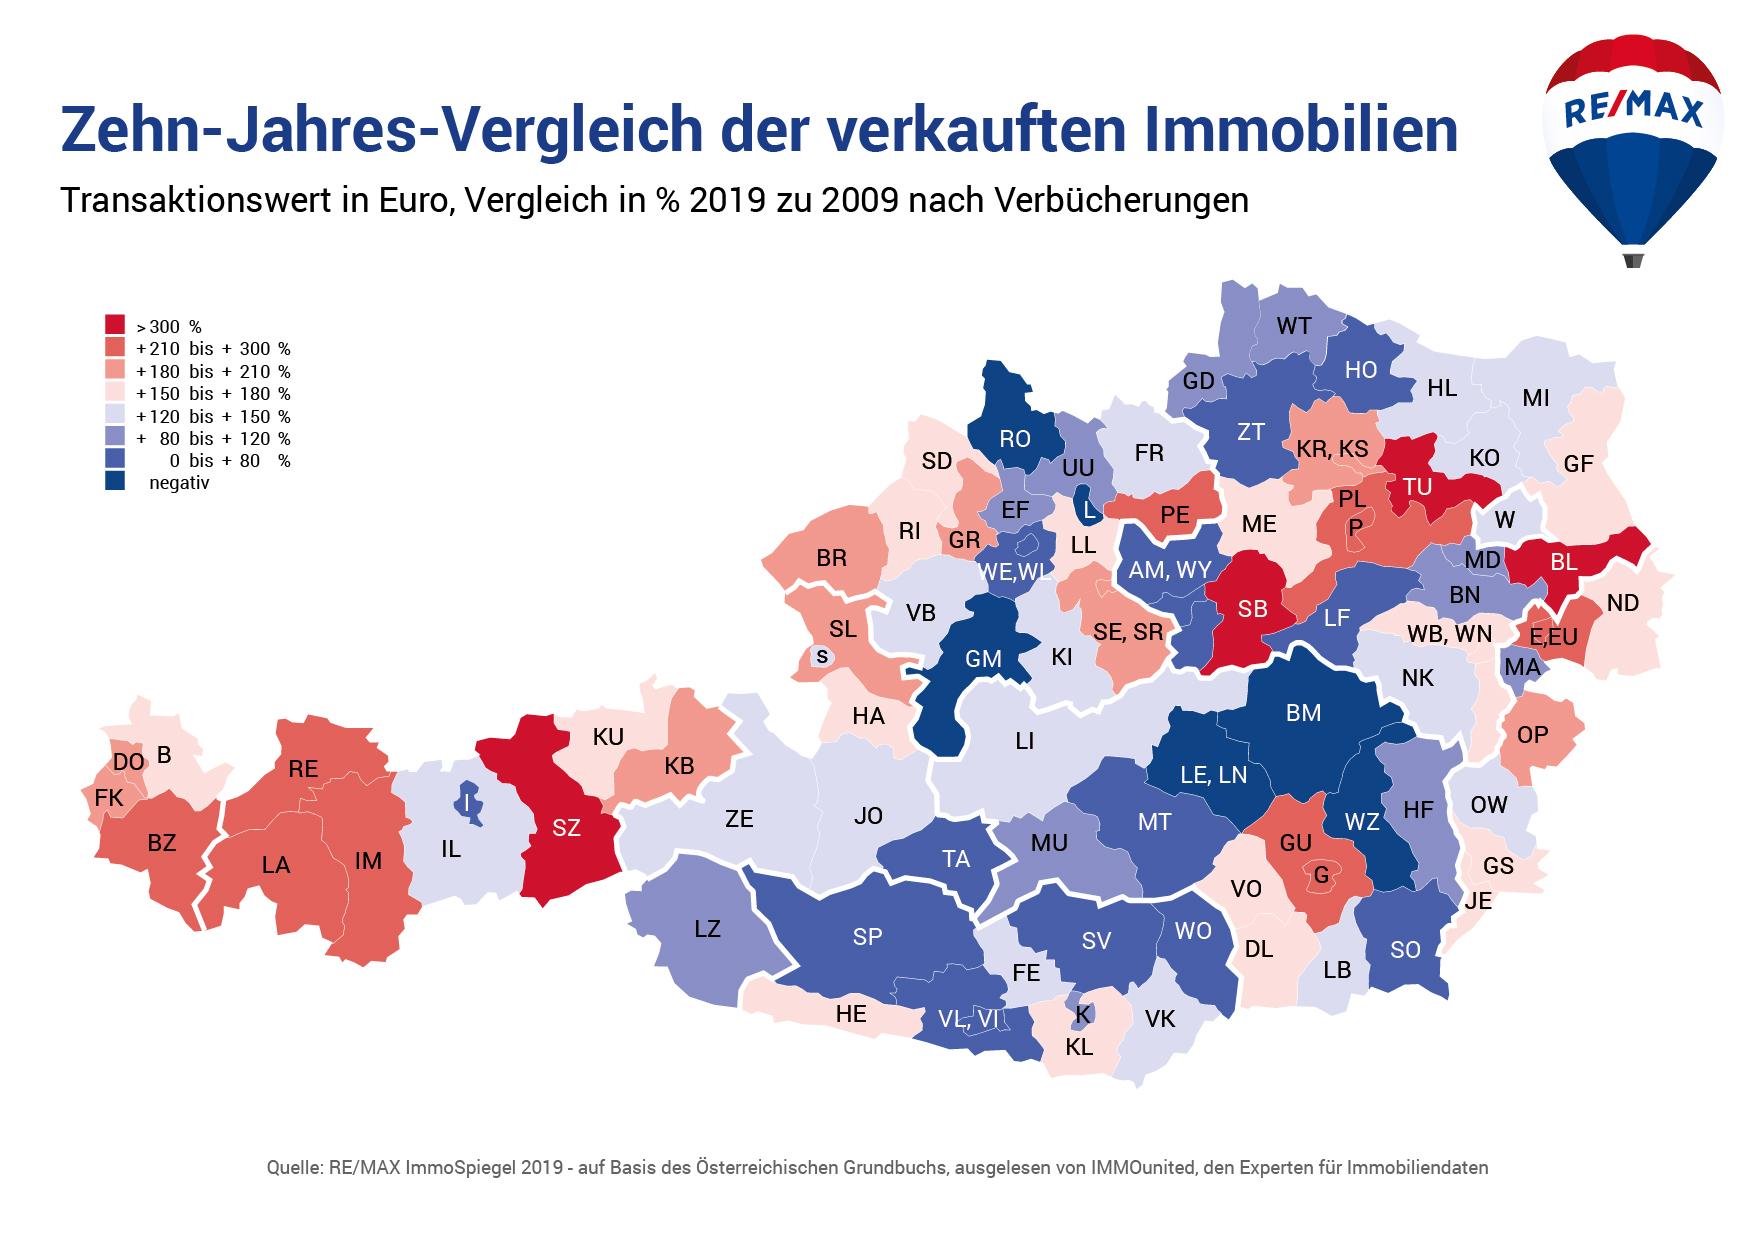 Zehn-Jahres-Vergleich der verkauften Immobilien